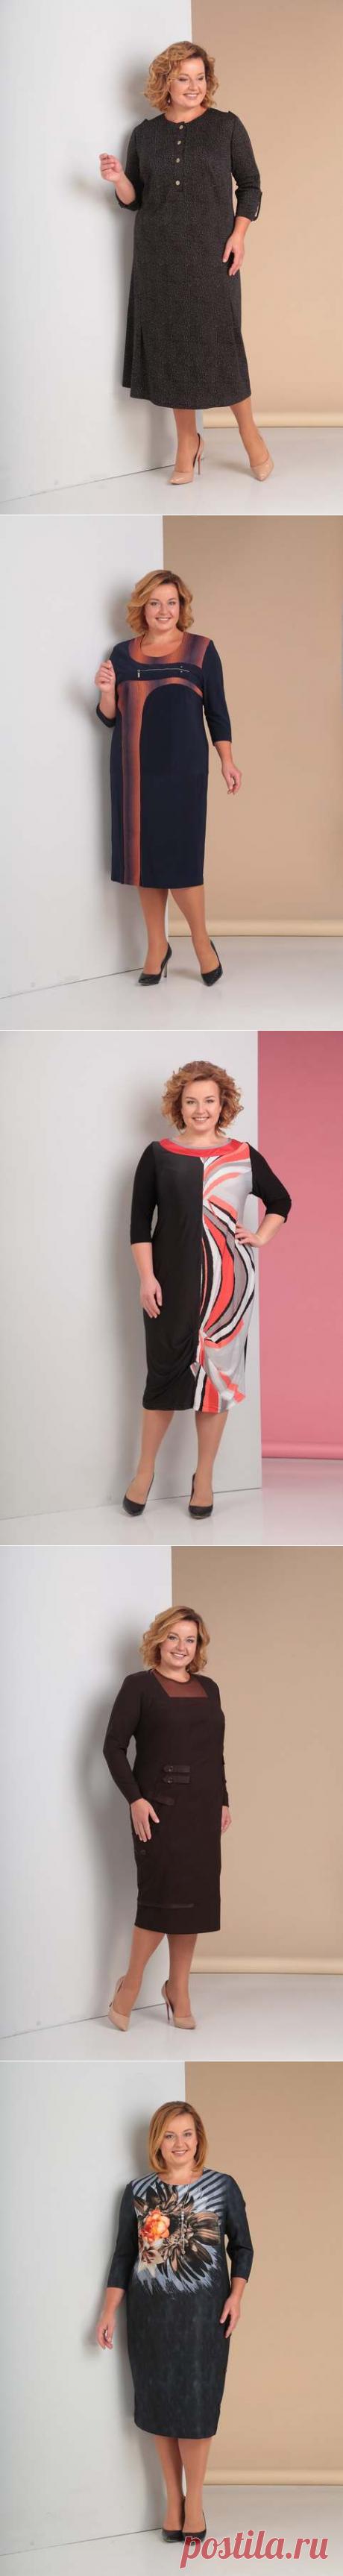 ff1edb6d4de Коллекция одежды для полных женщин белорусской компании Novella Sharm осень-зима  2018-19